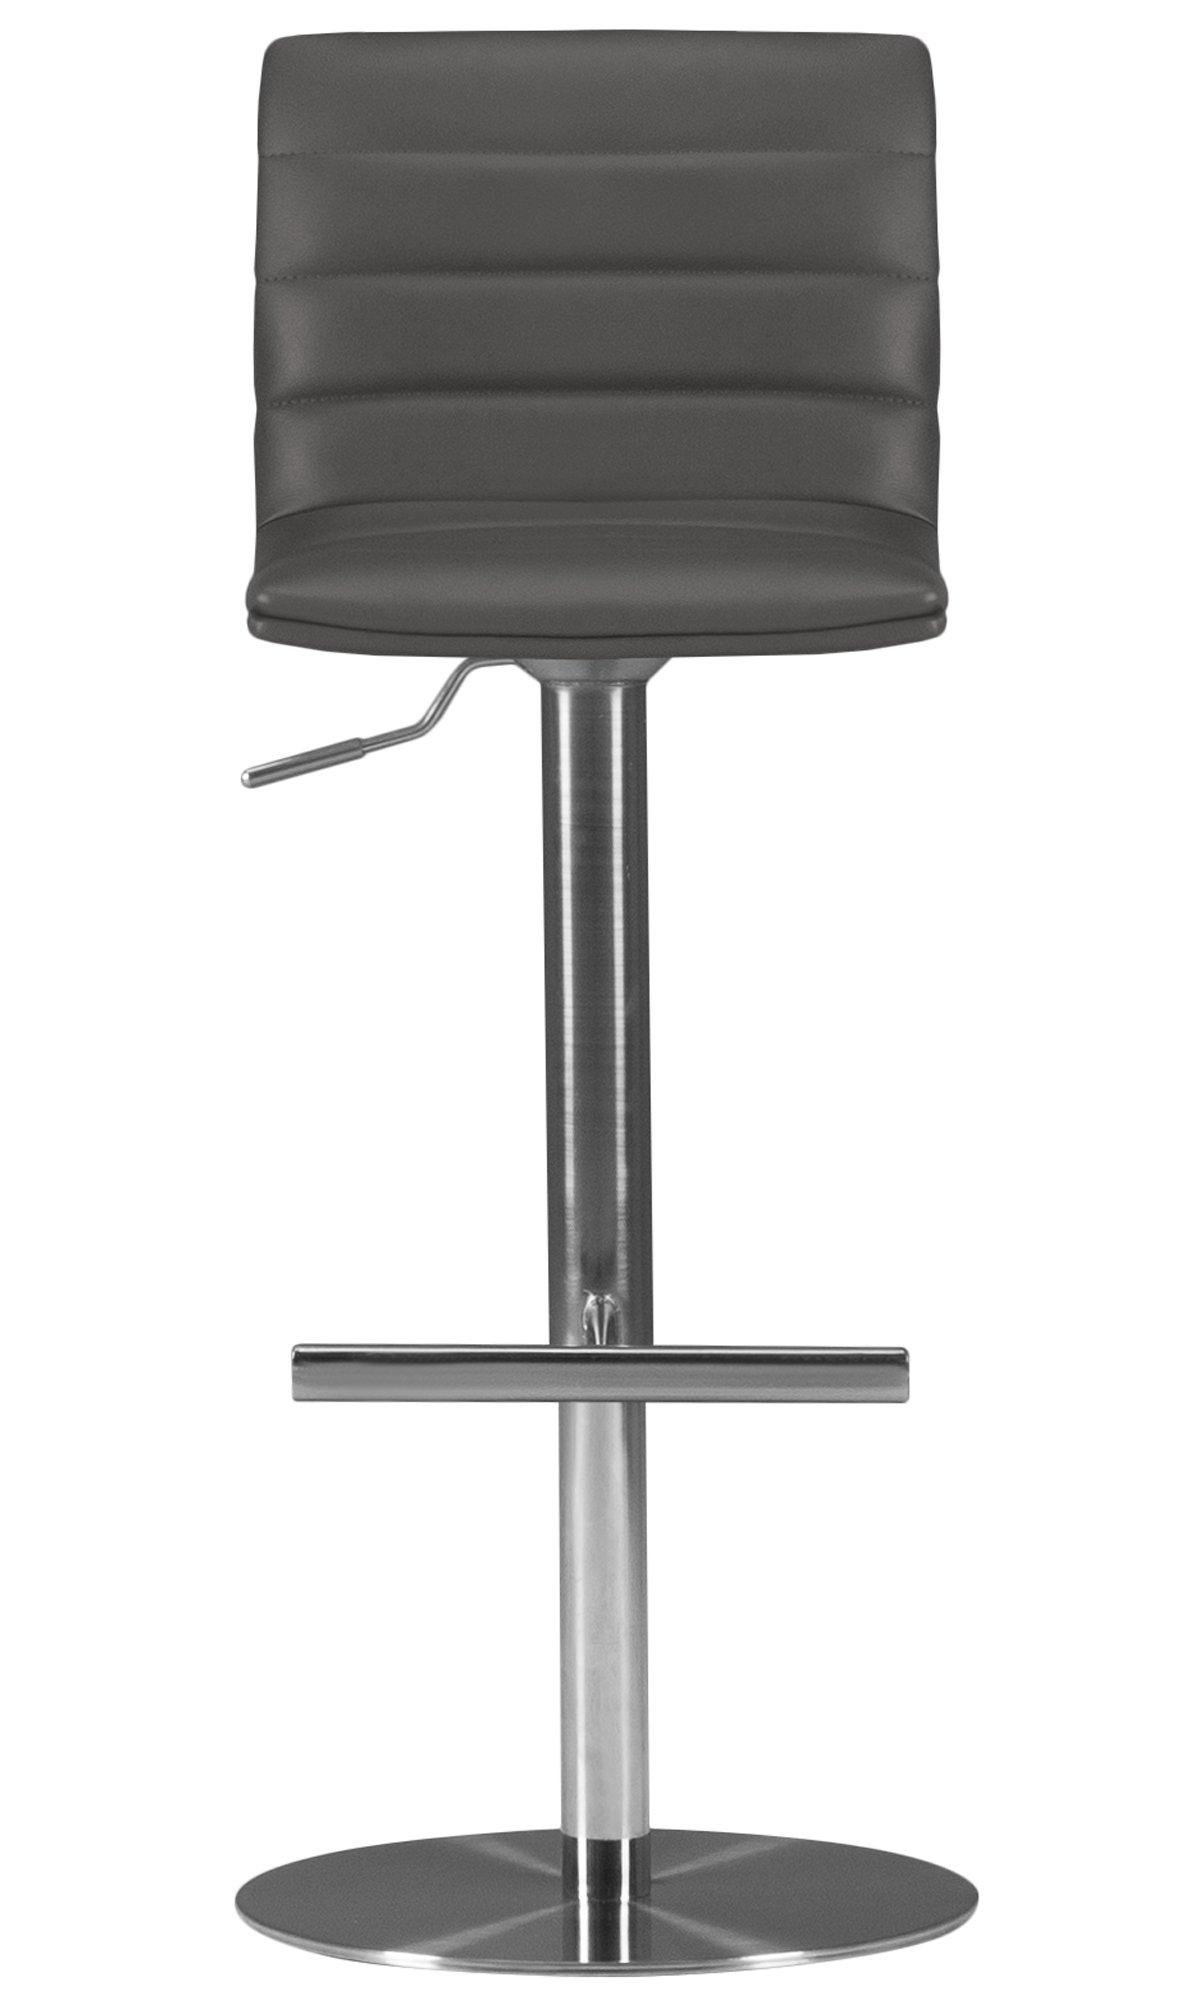 Ellis Gray Upholstered Adjustable Stool